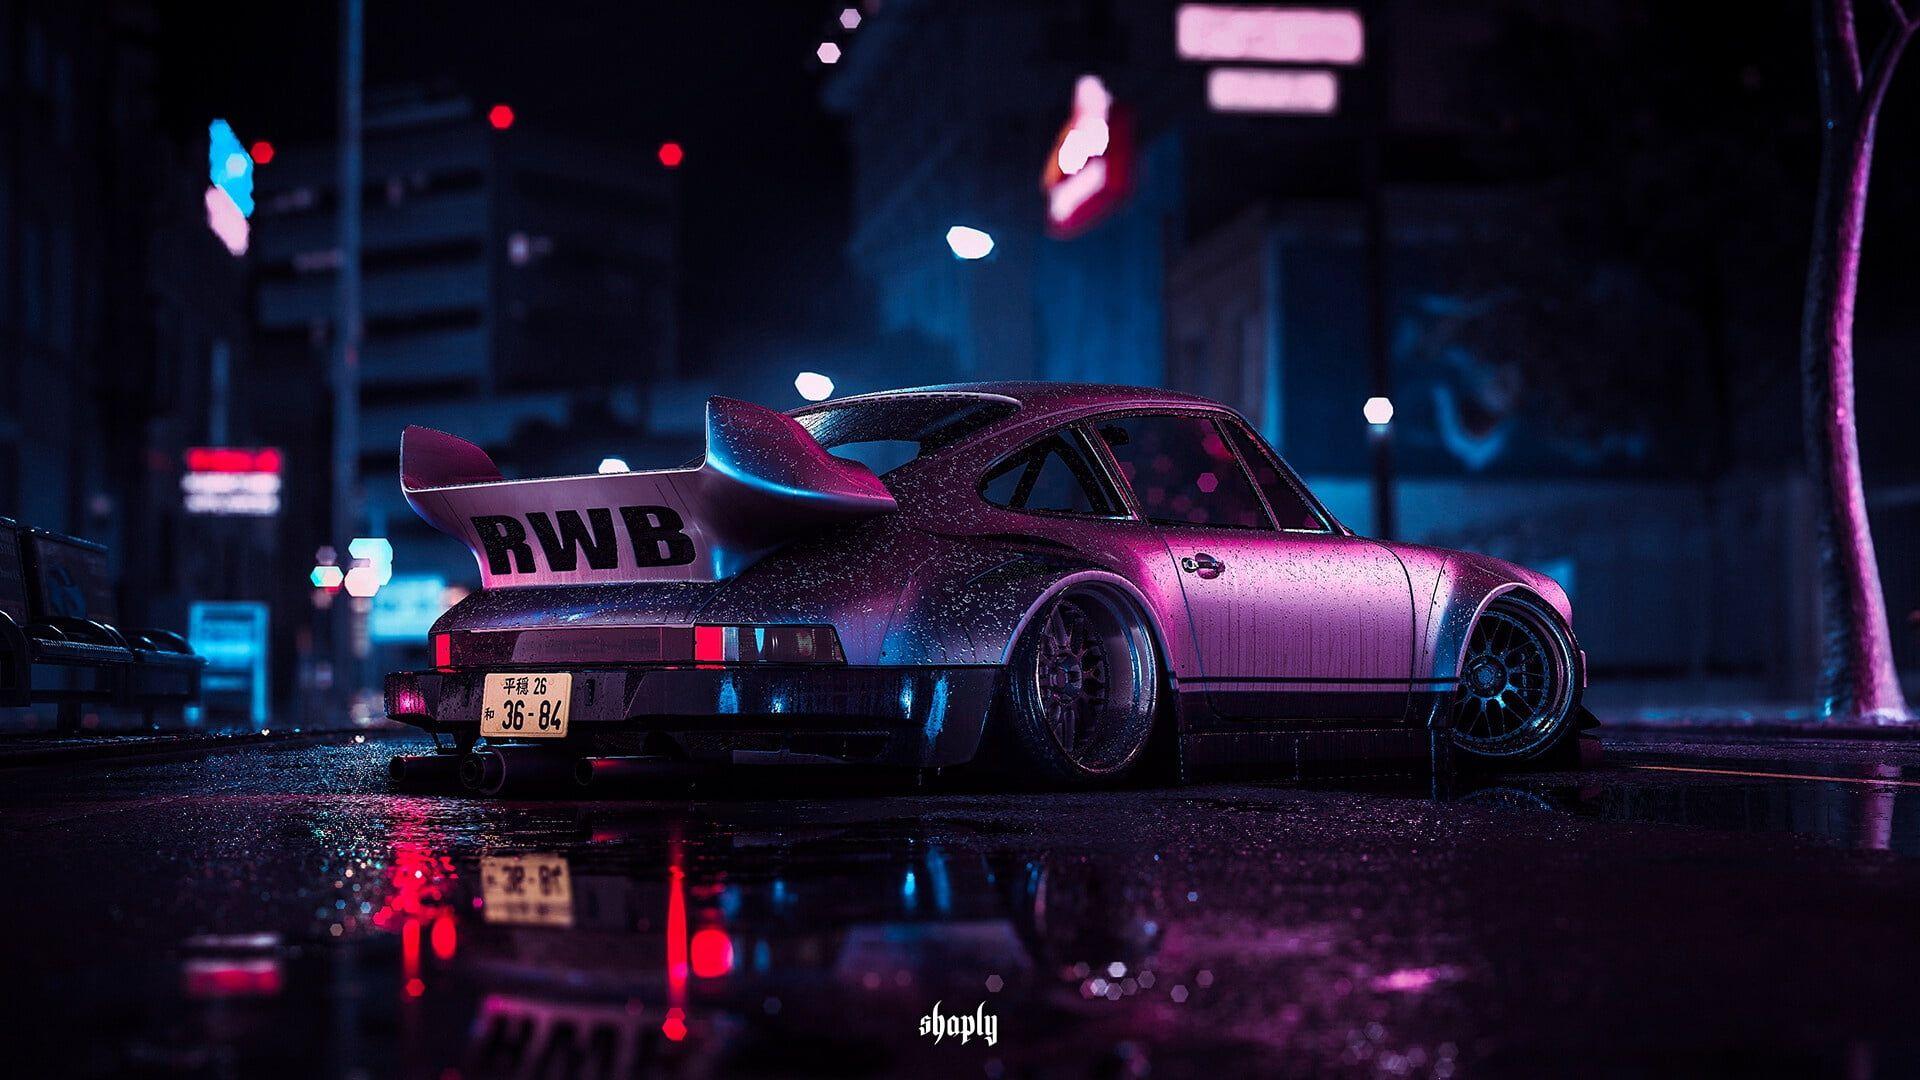 Car Vehicle Porsche 1080p Wallpaper Hdwallpaper Desktop In 2021 Bmw Wallpapers Jdm Wallpaper Car Wallpapers